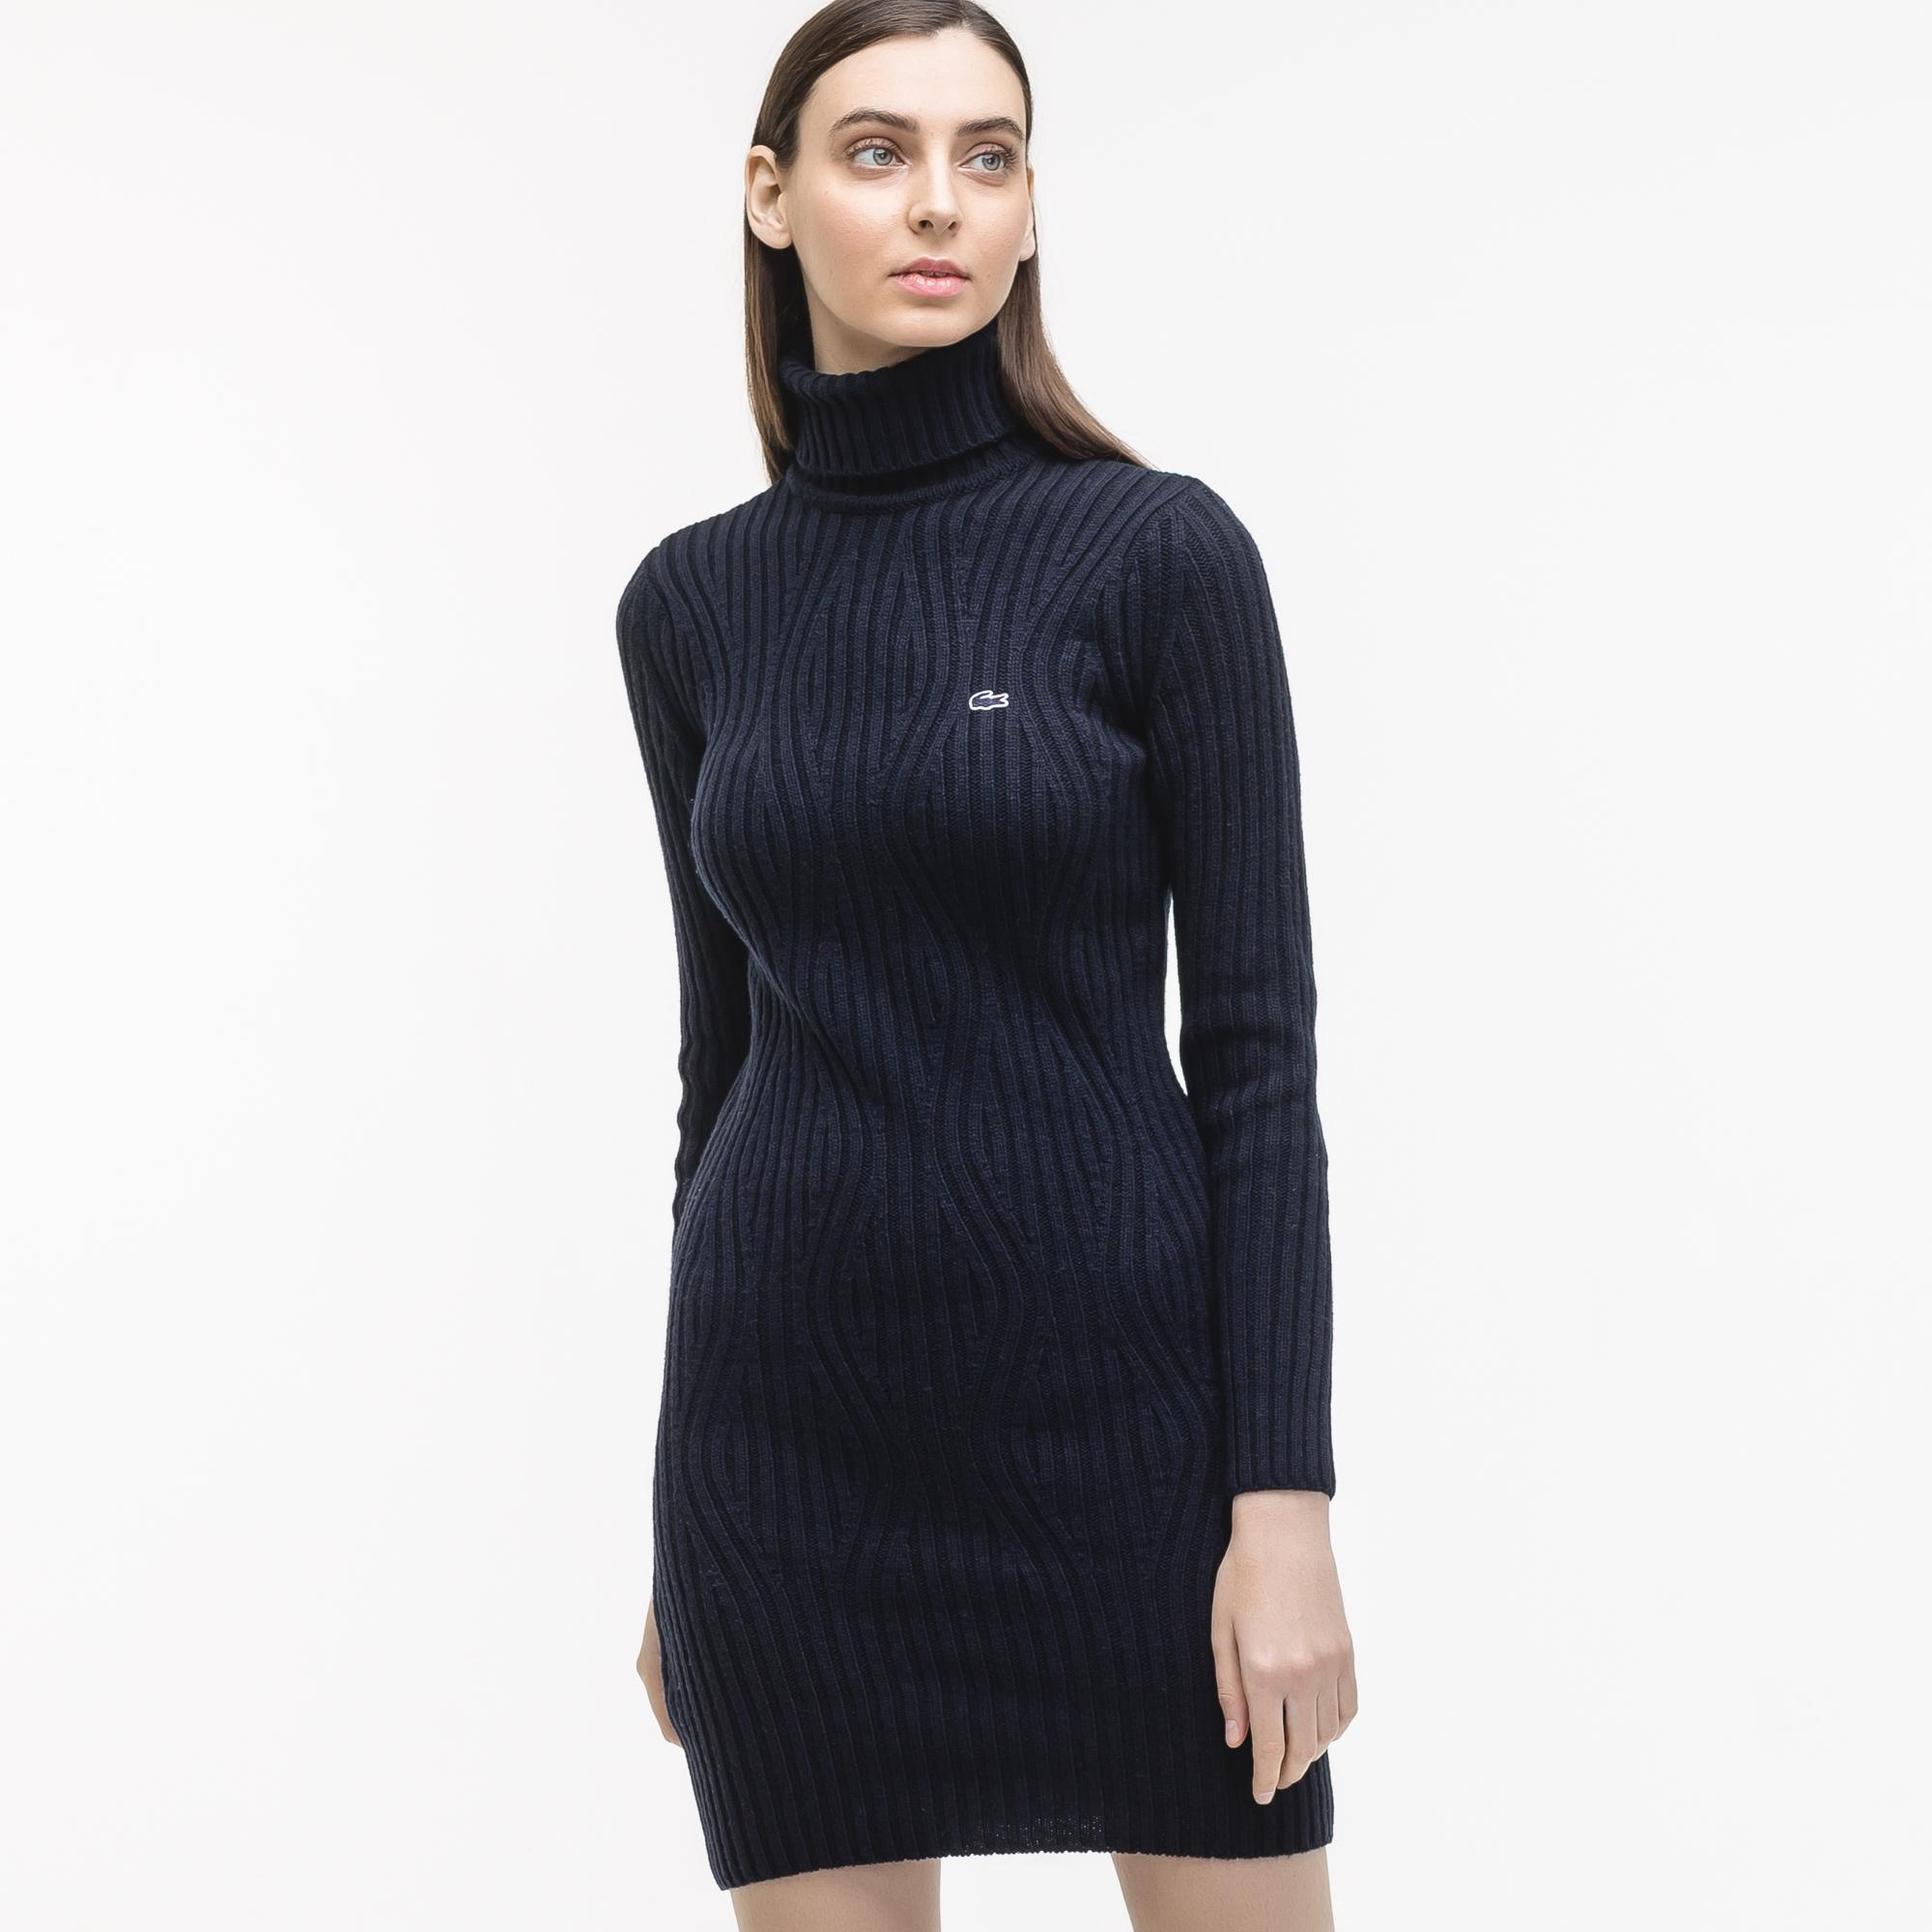 Платье LacosteПлатья и юбки<br>Детали: с высоким воротом \ Материал: 45% шерсть 30% вискоза 15% полиамид 10% кашемир \ Страна производства: Турция